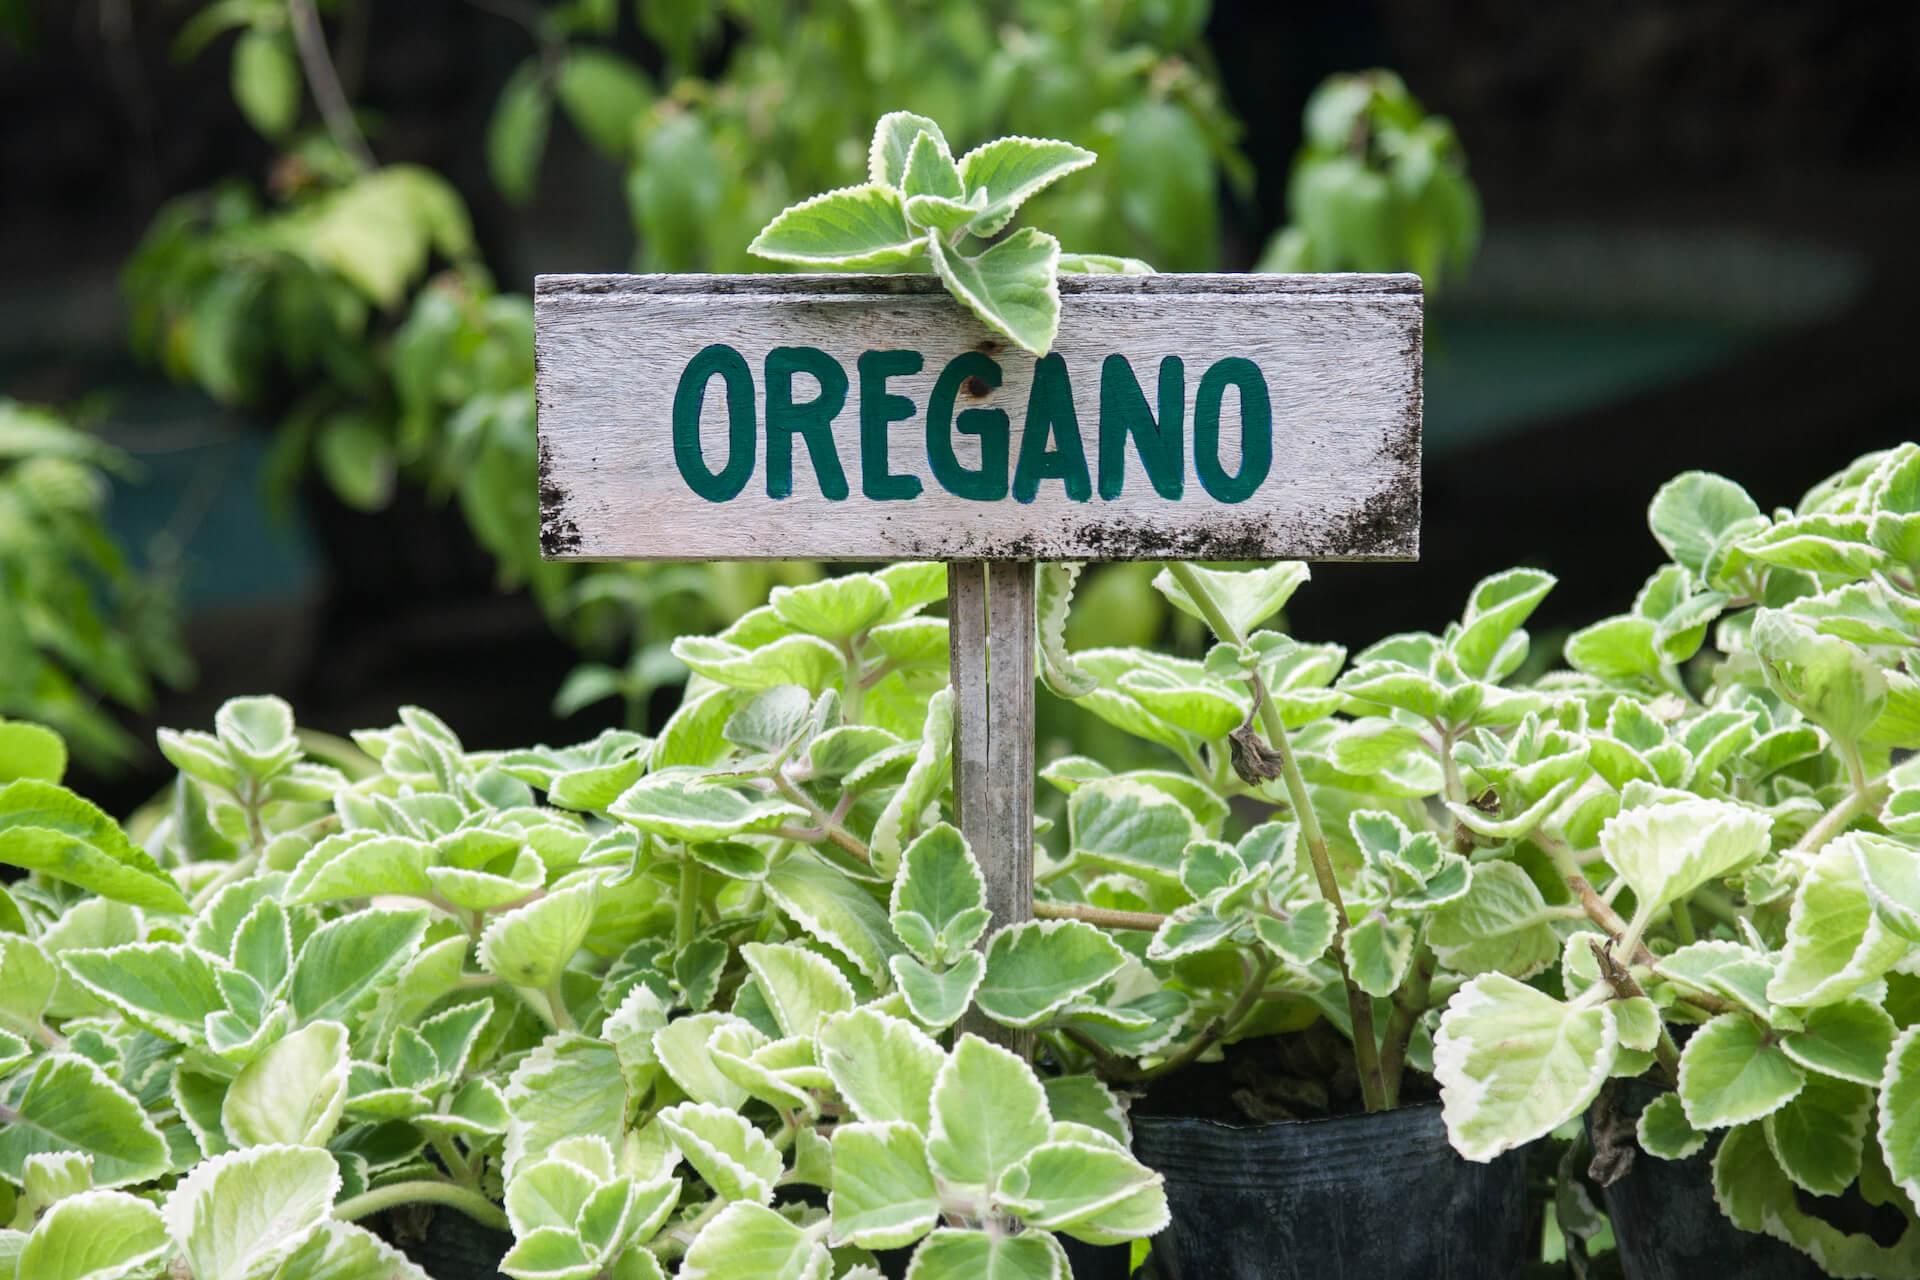 Wild oregano growing in a garden with an oregano sign.